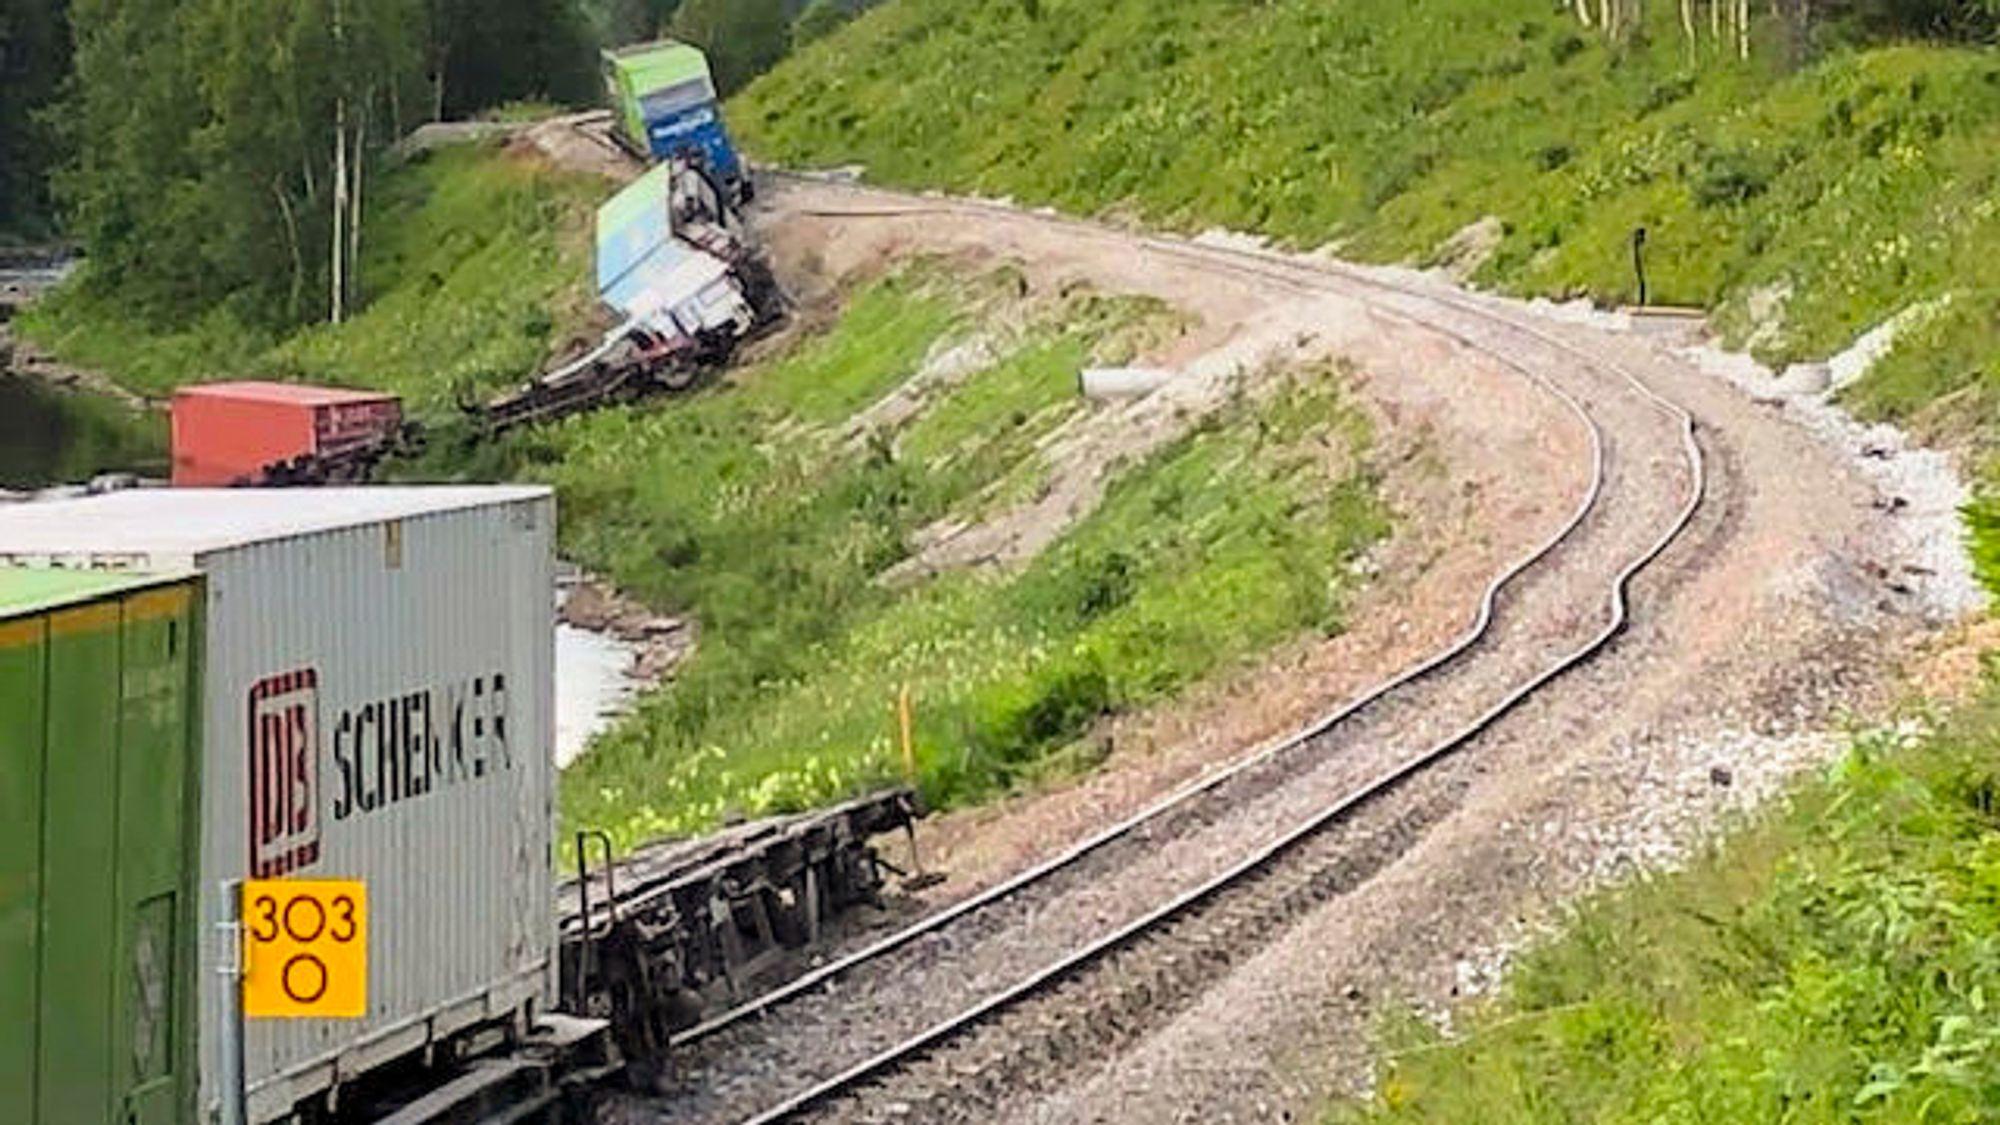 Et godstog har sporet av i Namsskogan, og en rekke godskonteinere ligger veltet ned mot elva Namsen. Ifølge politiet kan det være snakk om farlig gods. Ingen personer skal være skadd. Innholdet og lasten vurderes av brannvesenet. En av vognene havnet i elva i forbindelse med avsporingen.